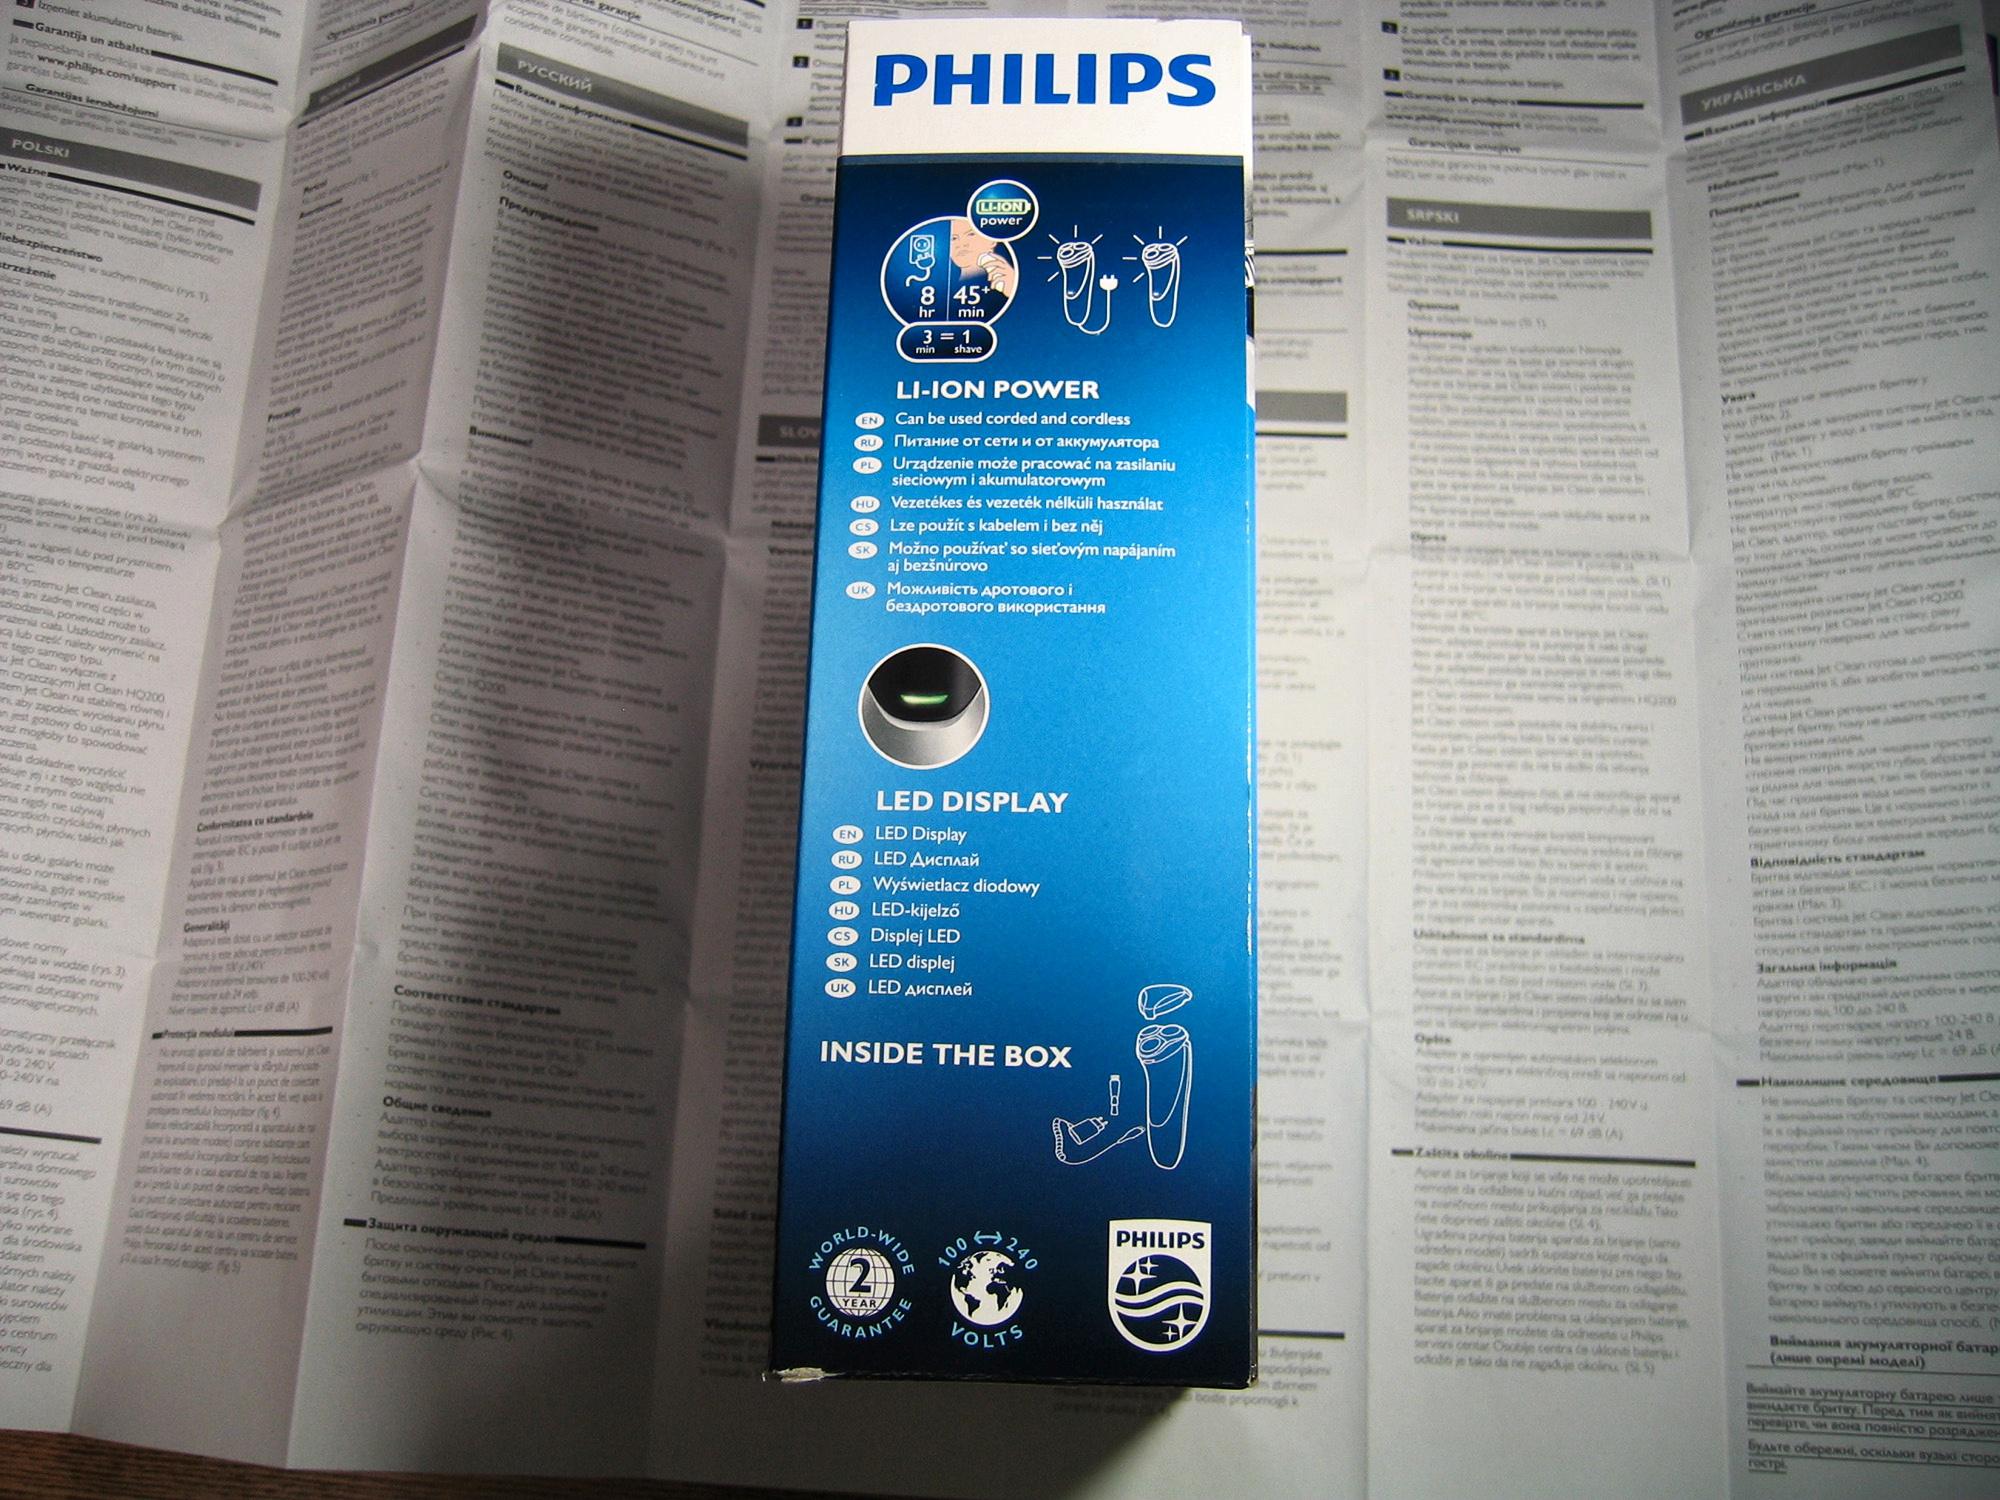 нужна инструкция по использованию электробритвы филипс рт 731